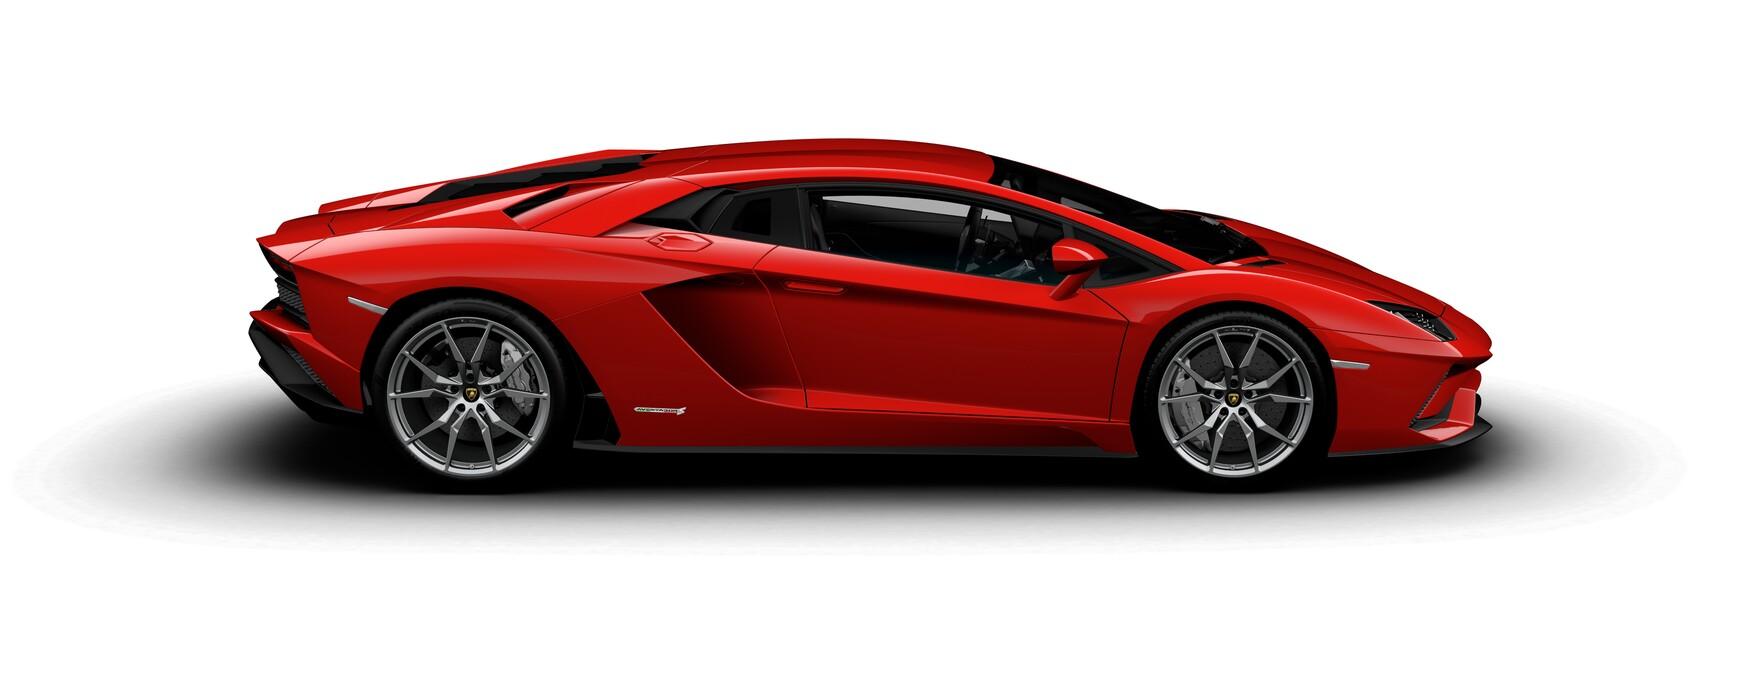 Lamborghini Aventador S Coupe metallic Rosso Mars side view